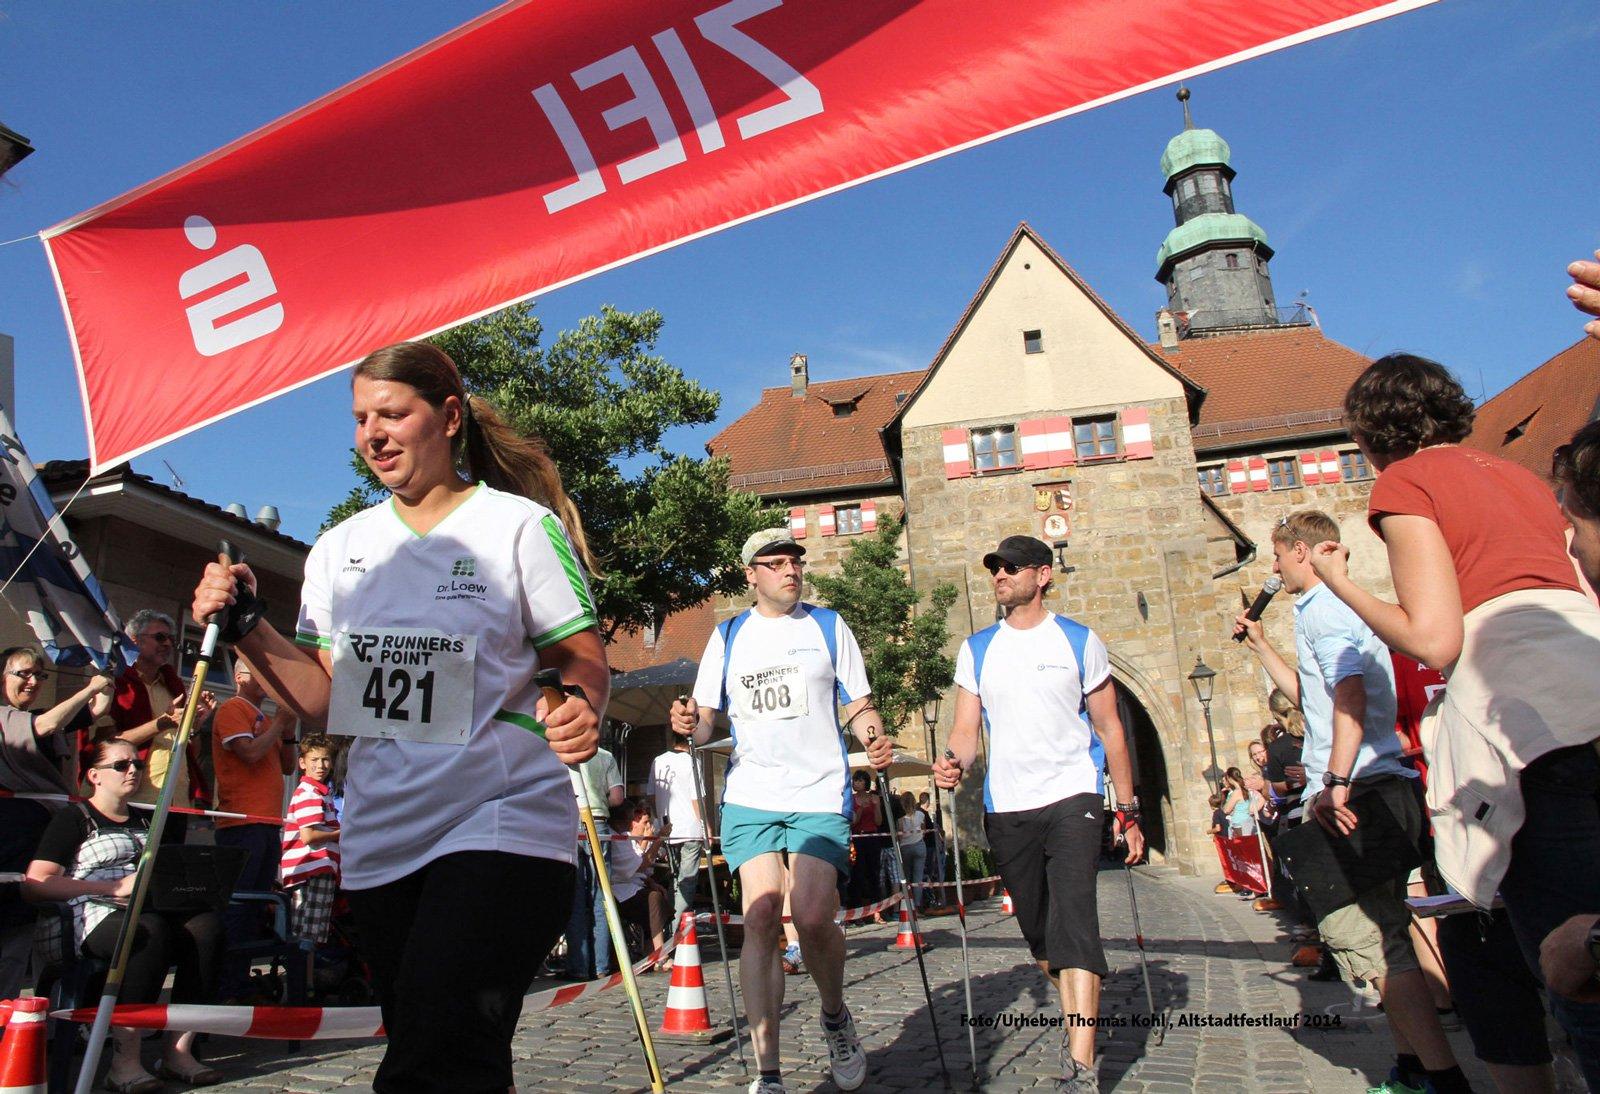 Laufen oder Walken. Läufer können beim Altstadtfestlauf wählen. Alle Infos und Teilnehmerbedingungen auf der Webpage https://www.lebenshilfe-nbg-land.de/altstadtfestlauf/streckenplan.html